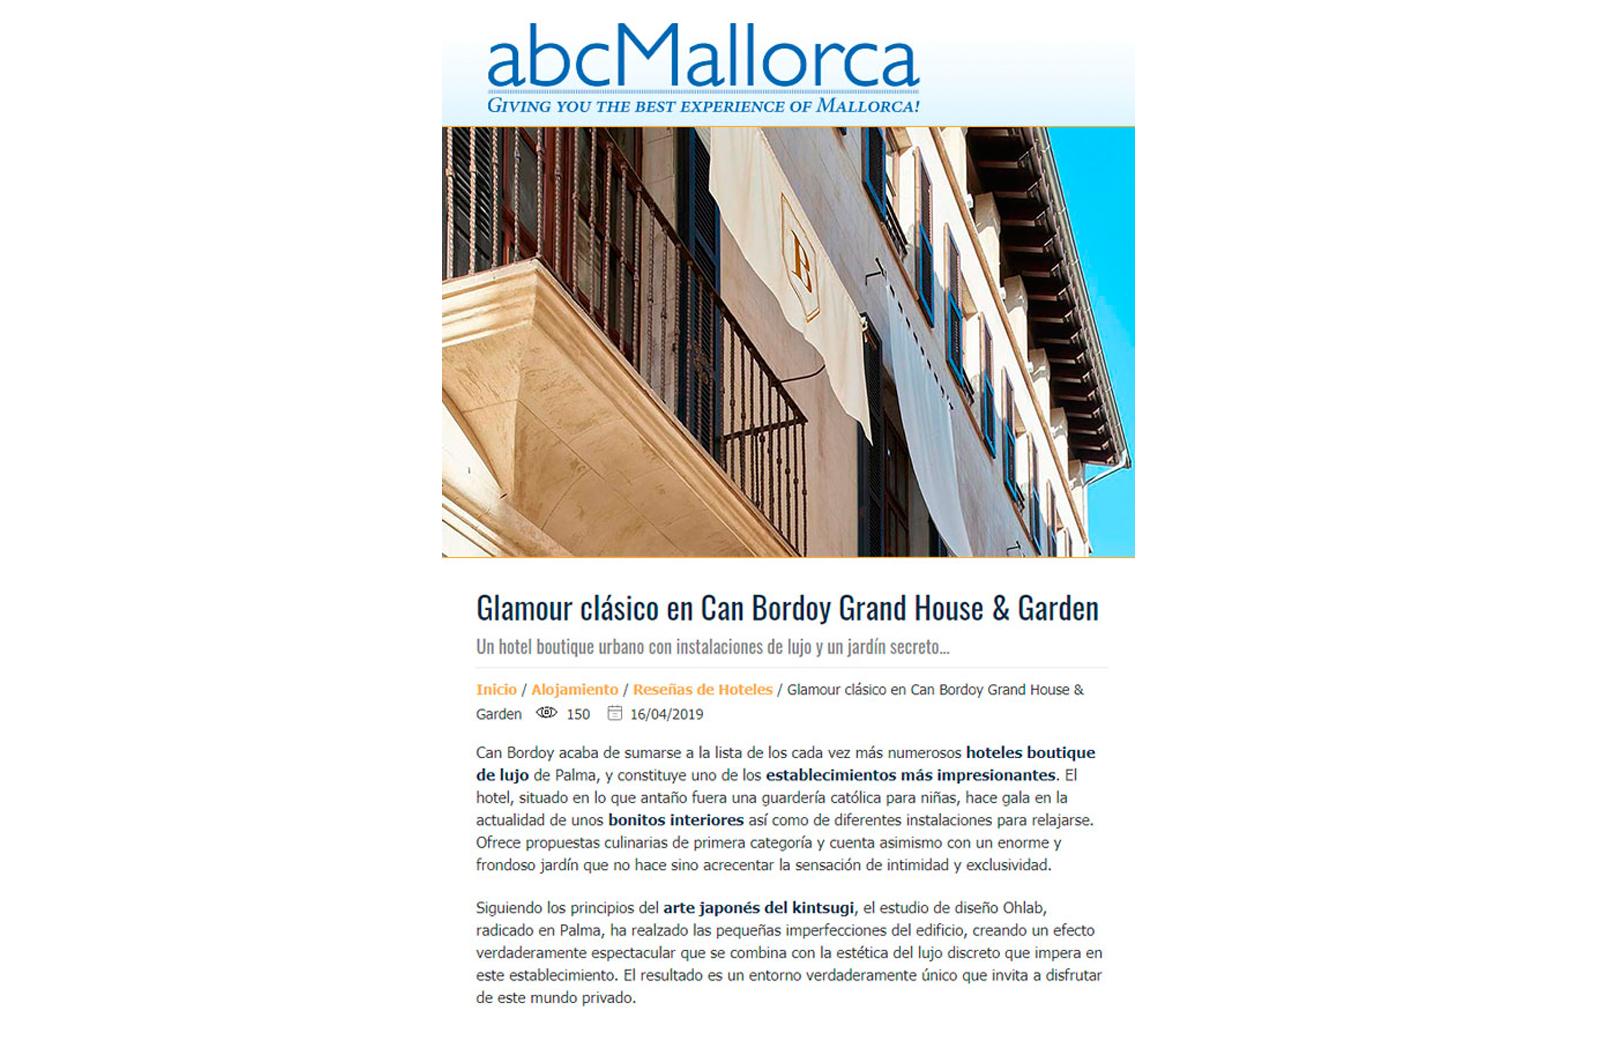 abc-mallorca_can-bordoy